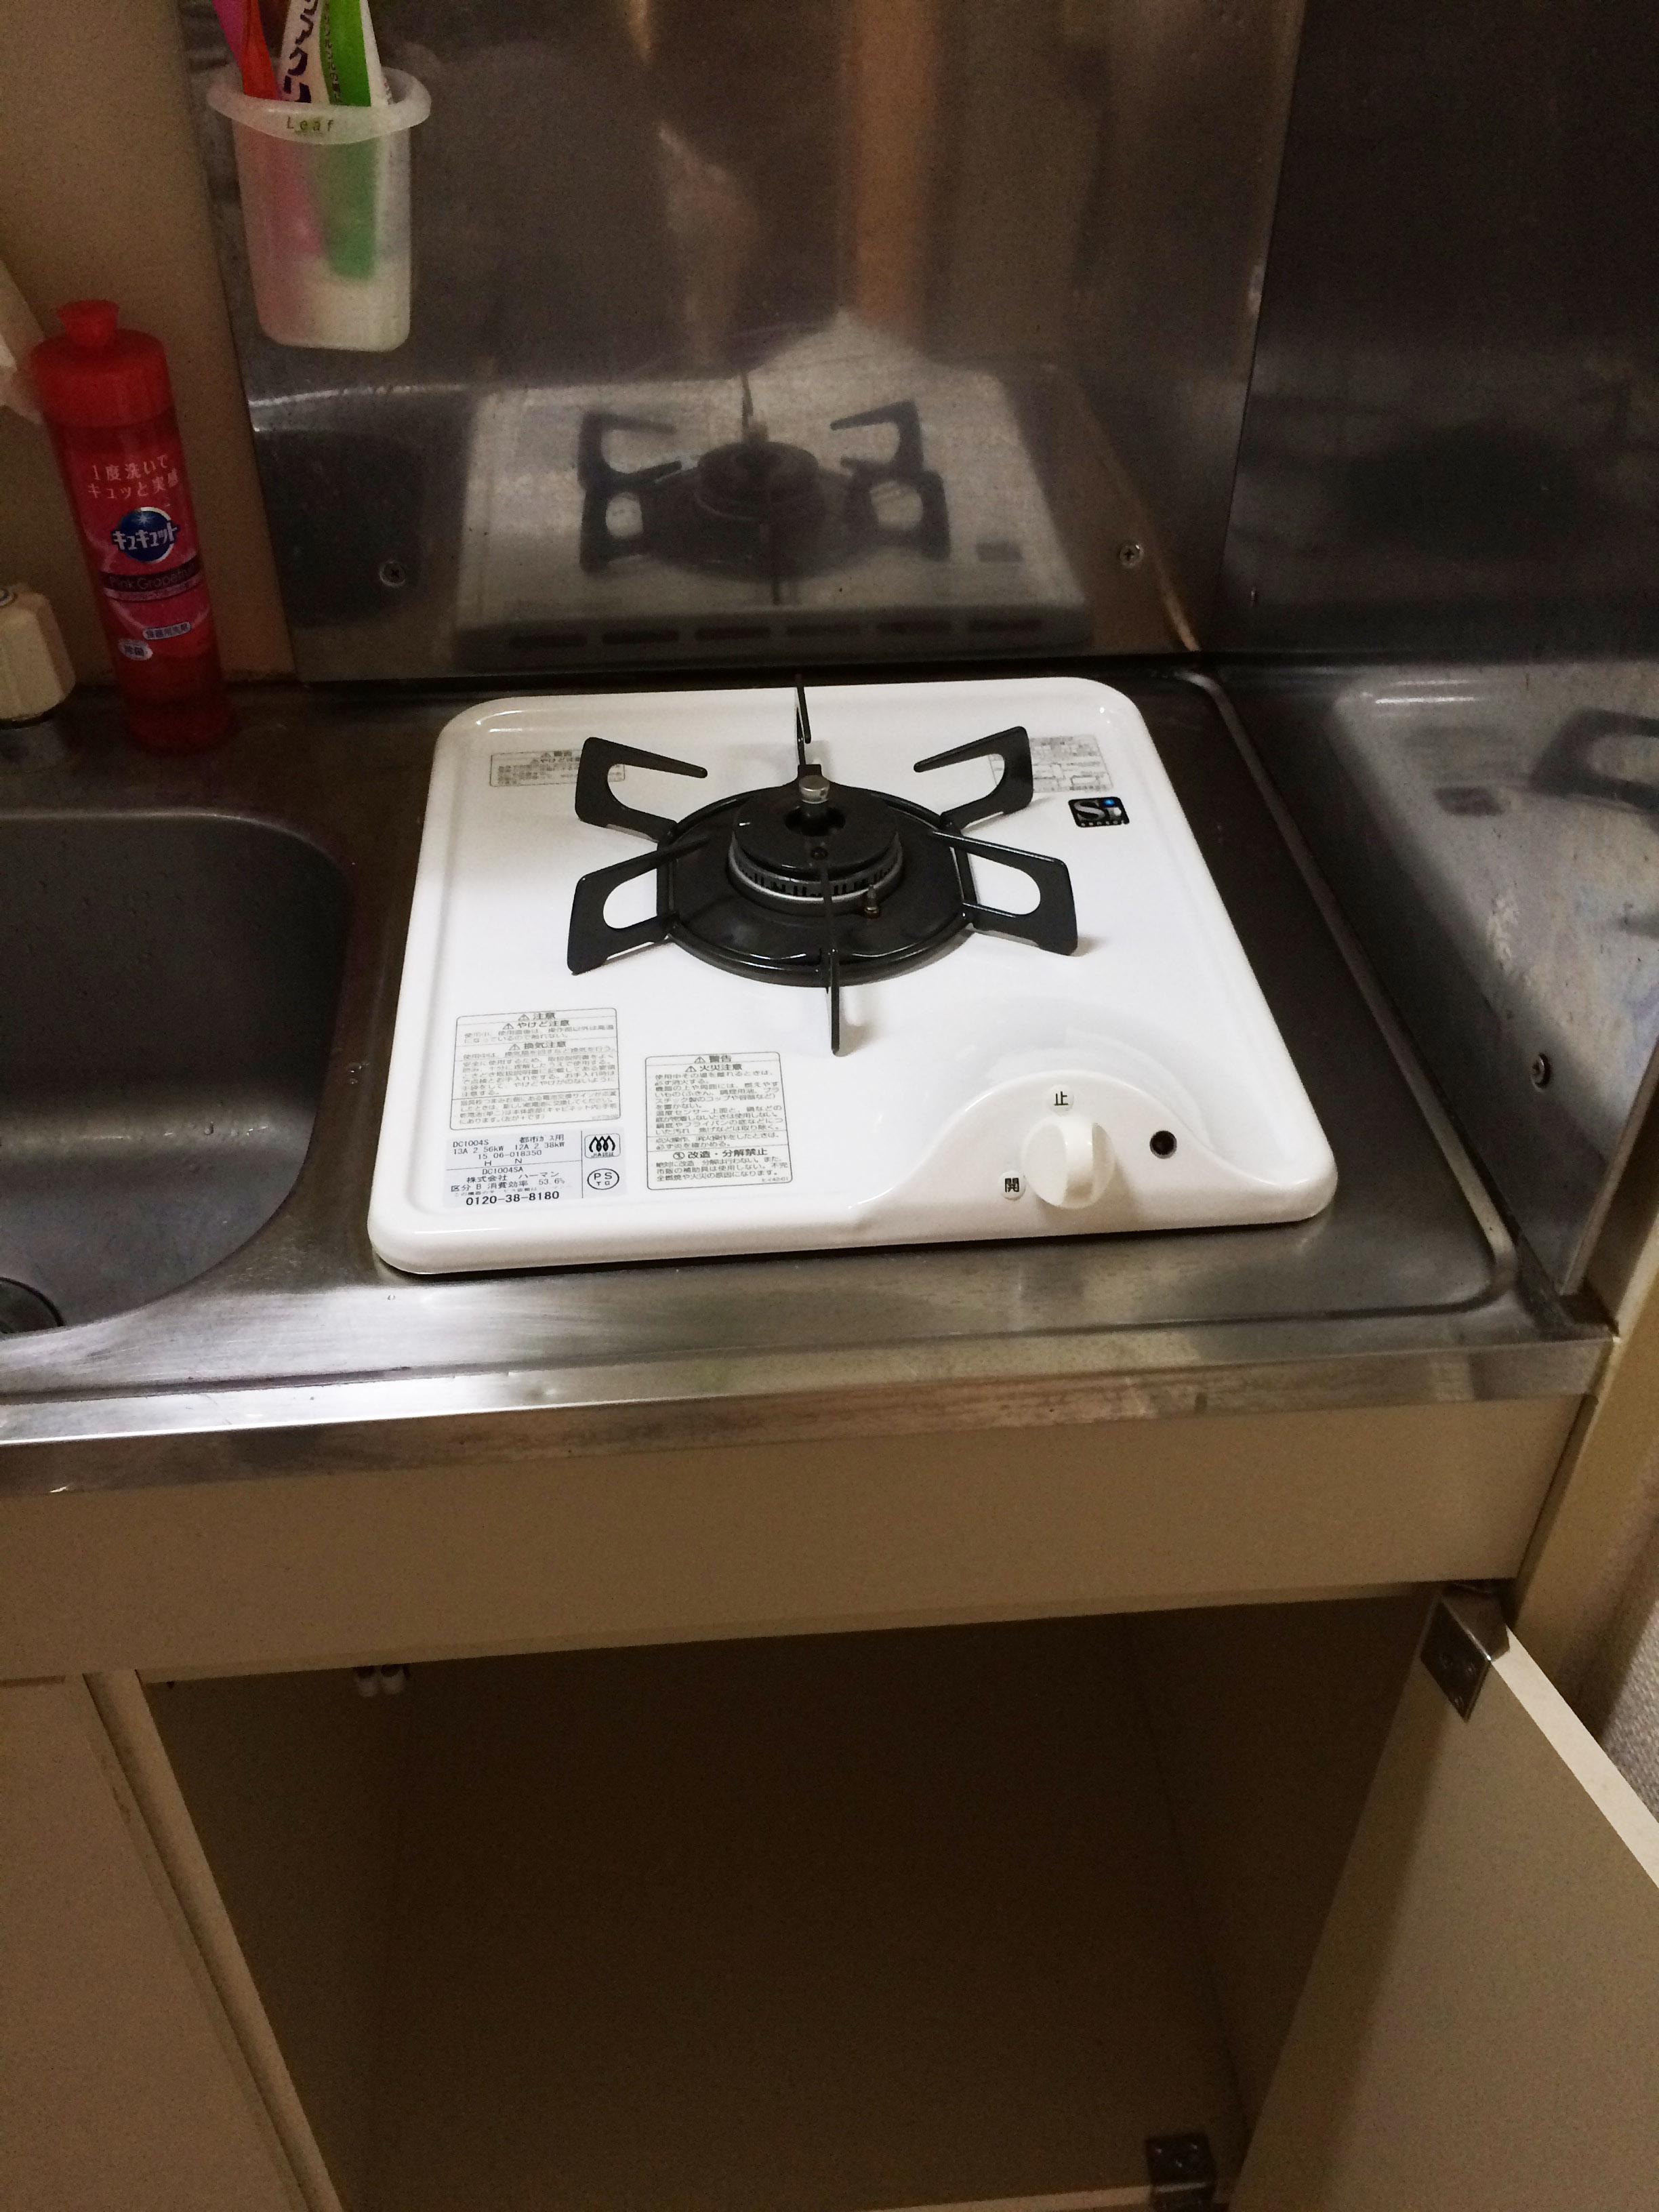 ワンルームマンションミニキッチンの一口ガスコンロの交換